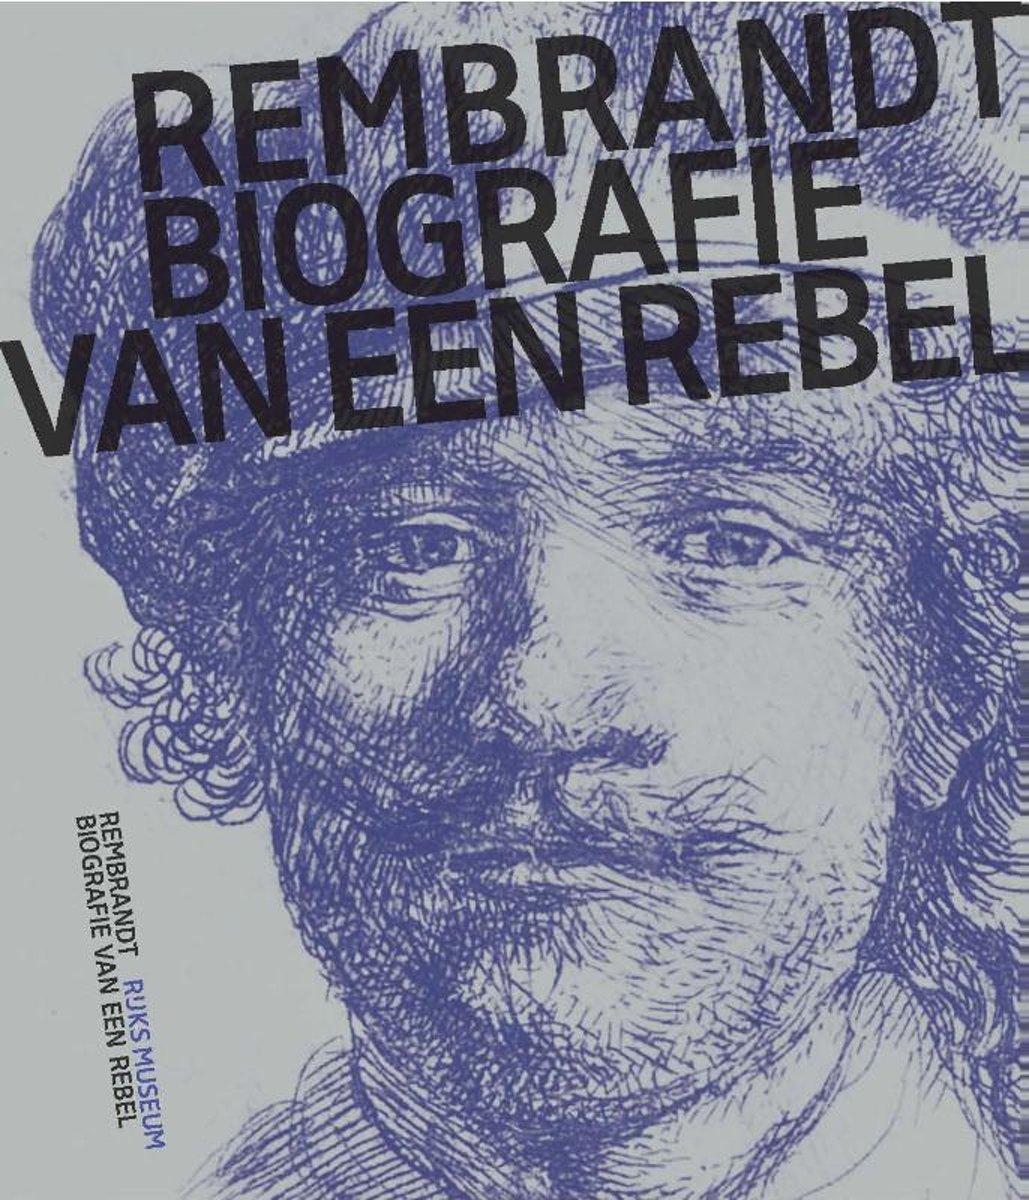 Rembrandt - Biografie van een rebel